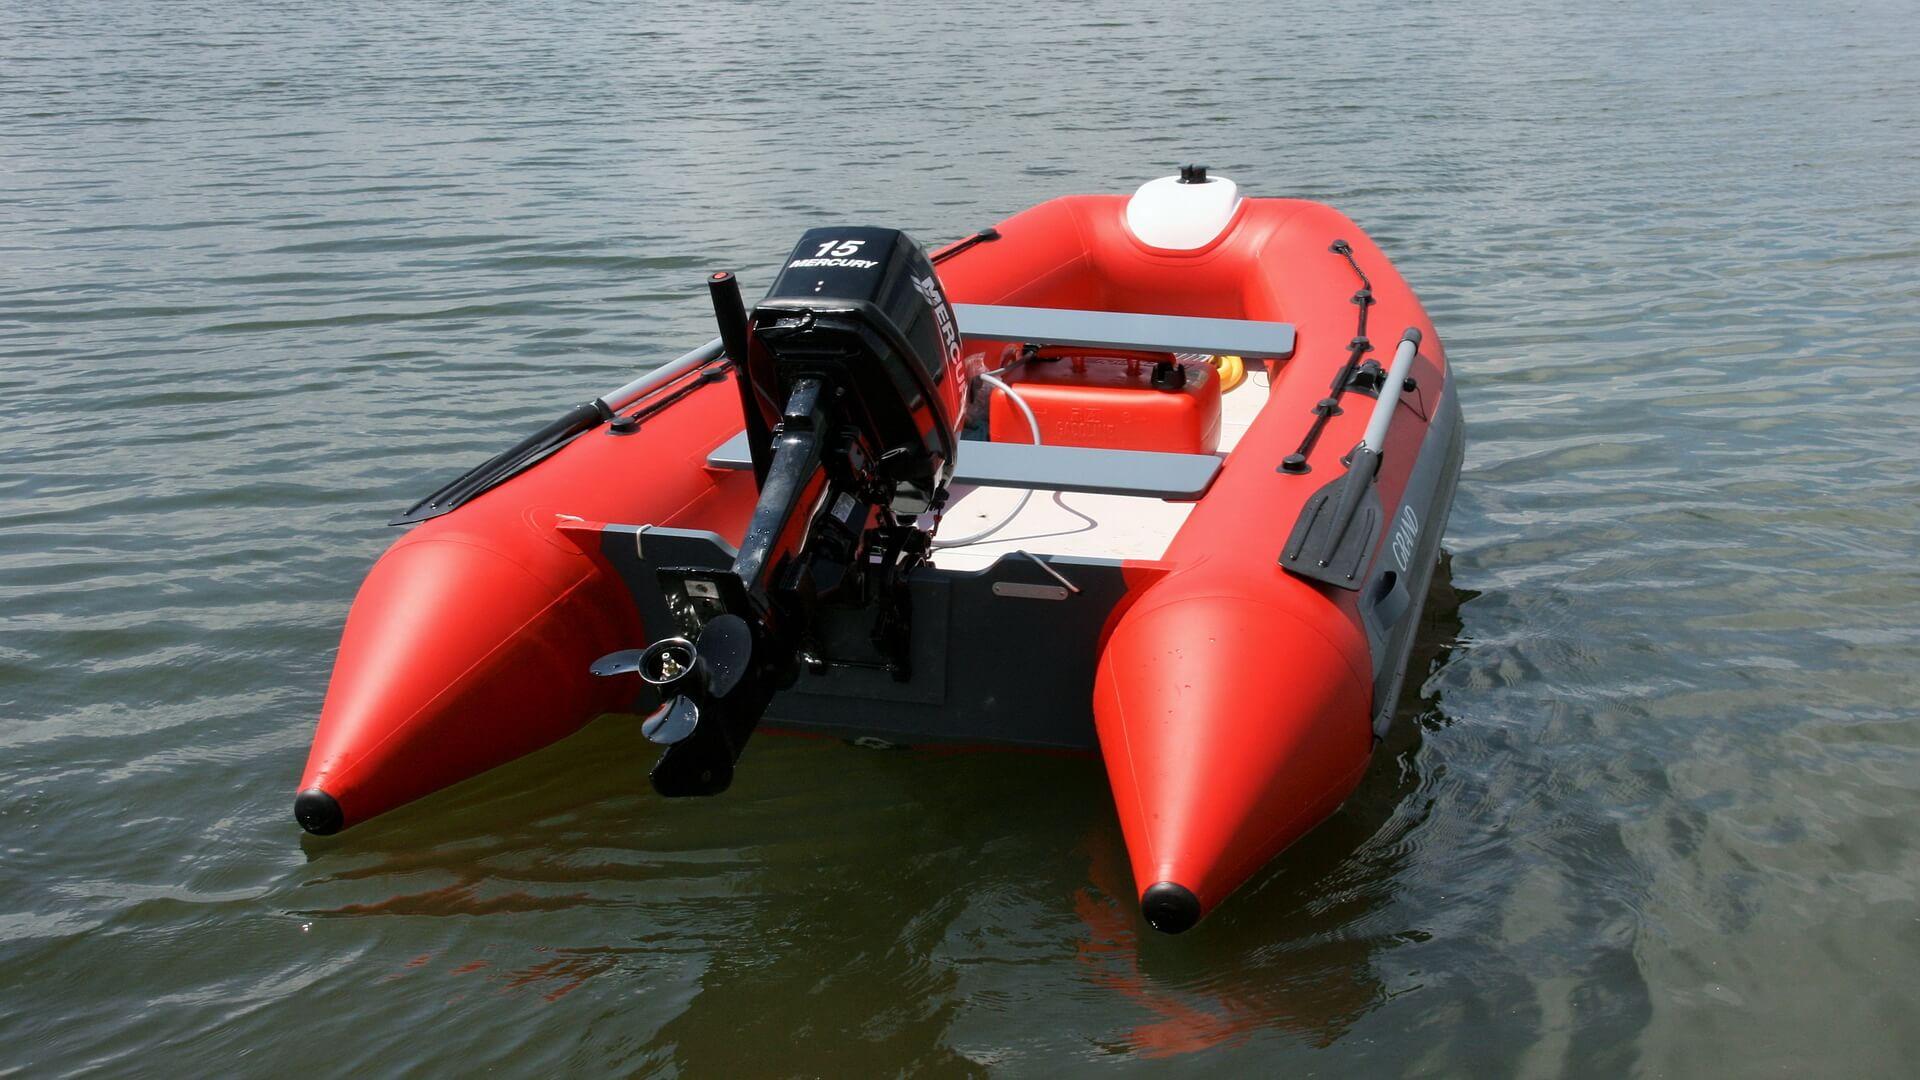 Складная надувная лодка с настилом GRAND Corvette C300, Надувная лодка Corvette C300, GRAND Corvette C300, GRAND C300,Надувная лодка Corvette C300A, GRAND Corvette C300A, GRAND C300A, Складная надувная лодка GRAND, Надувная лодка GRAND, Надувная лодка ГРАНД, Разборная надувная лодка с жёстким настилом, Разборная надувная лодка с надувным настилом, Fordable Boats